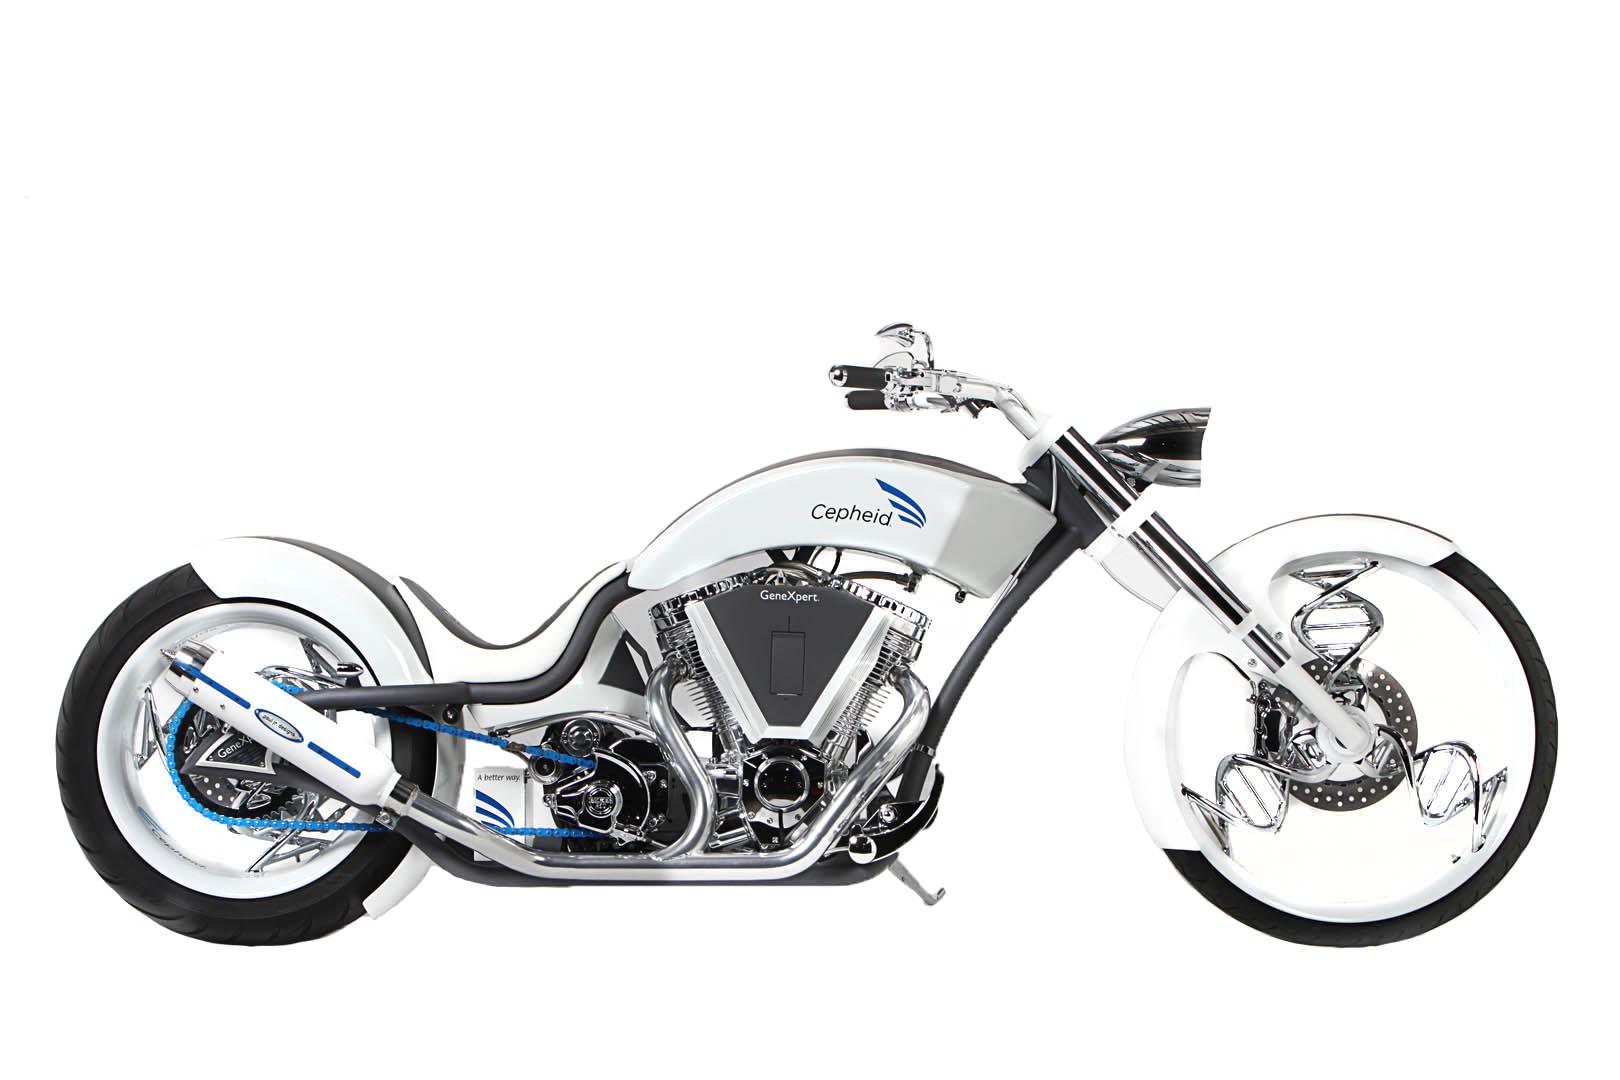 paul-jr-designs-cepheid-bike-017